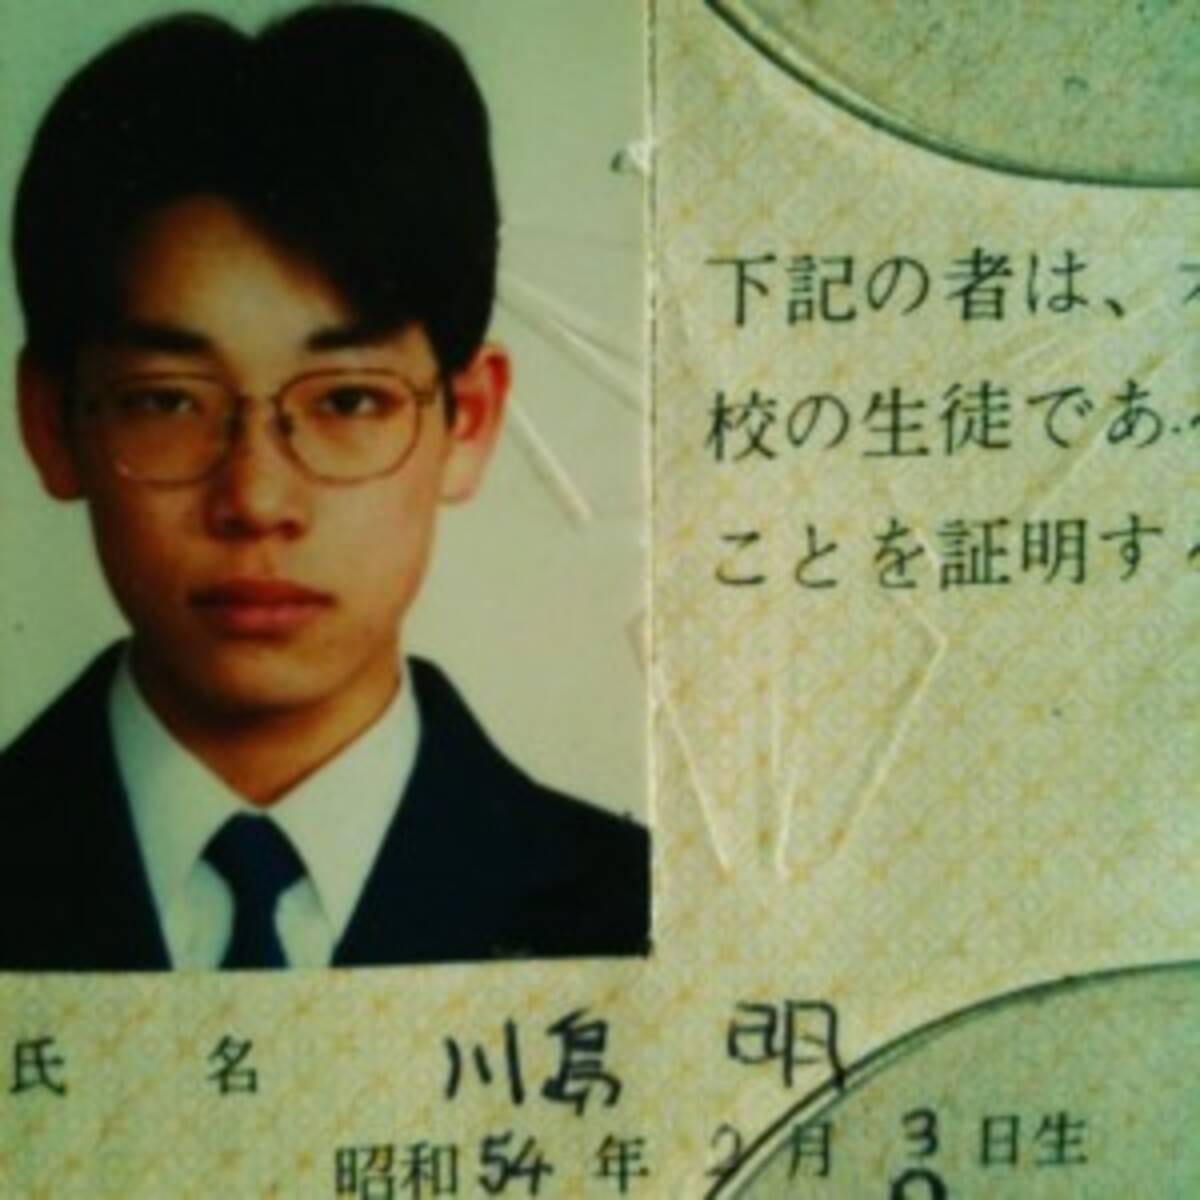 """麒麟・川島明 """"イケてない""""高校時代の写真に自虐「中間管理職がかける ..."""